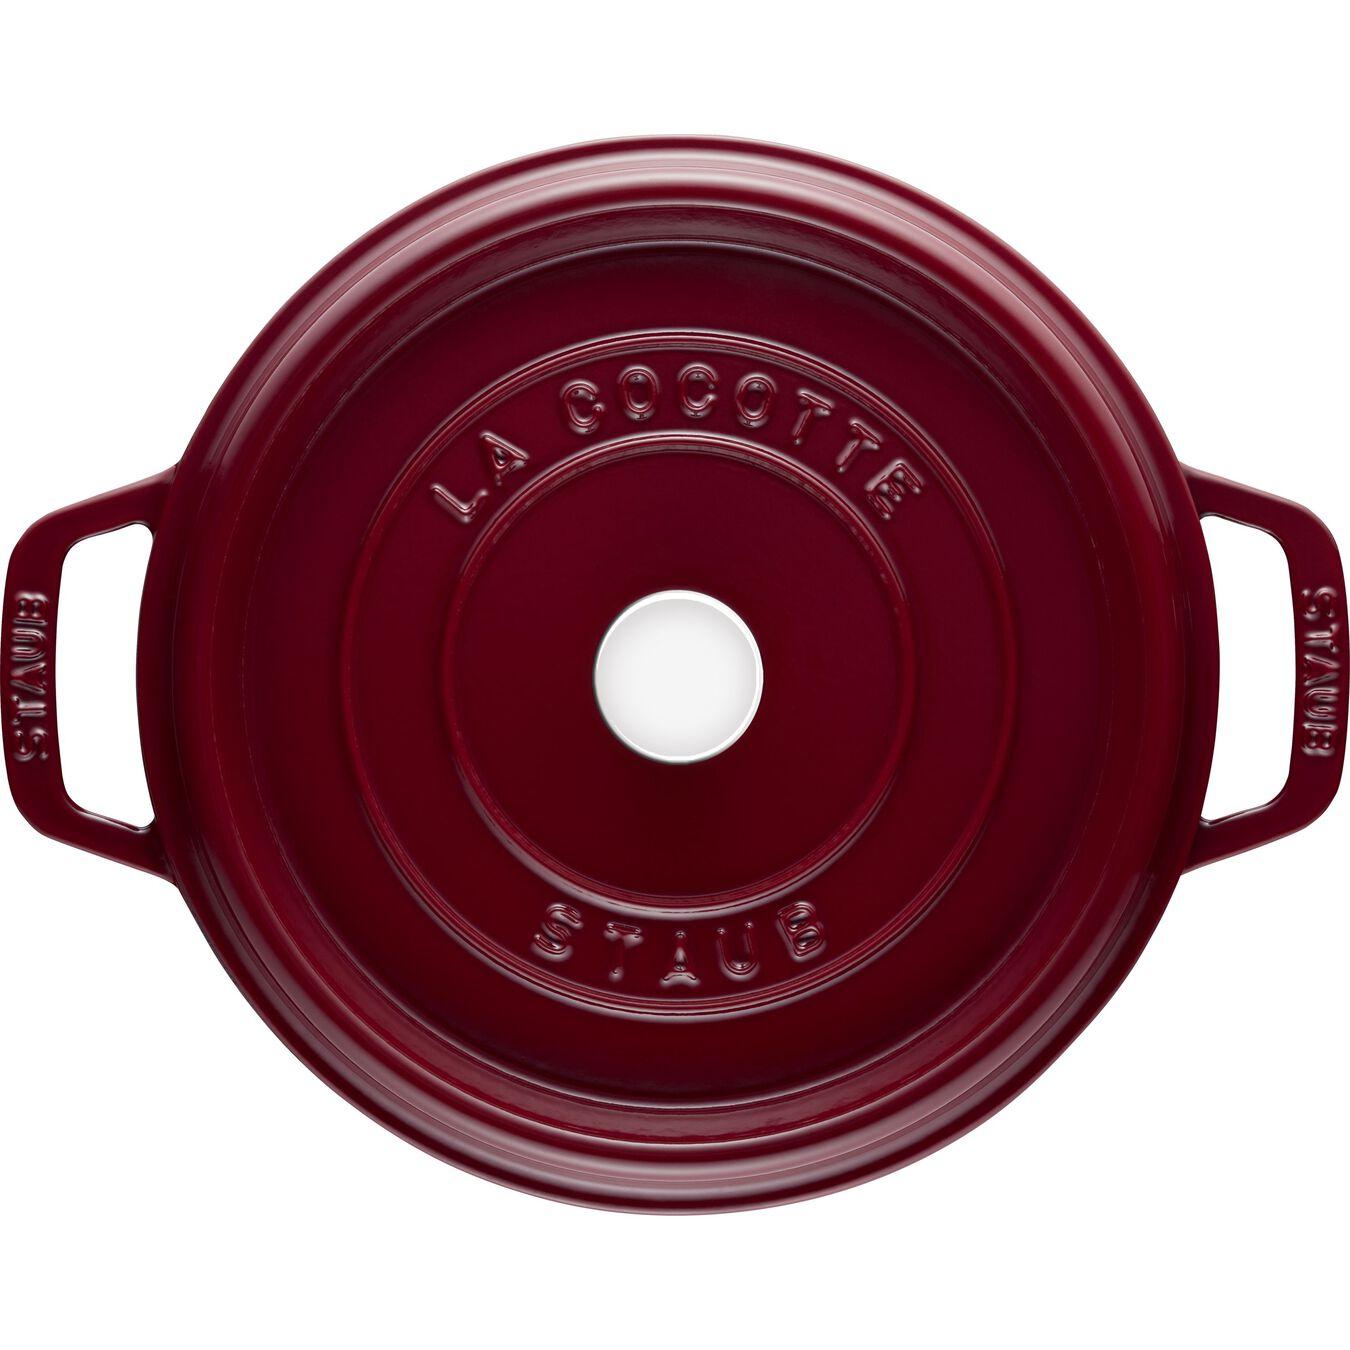 3.75 l Cast iron round Cocotte, Bordeaux,,large 3